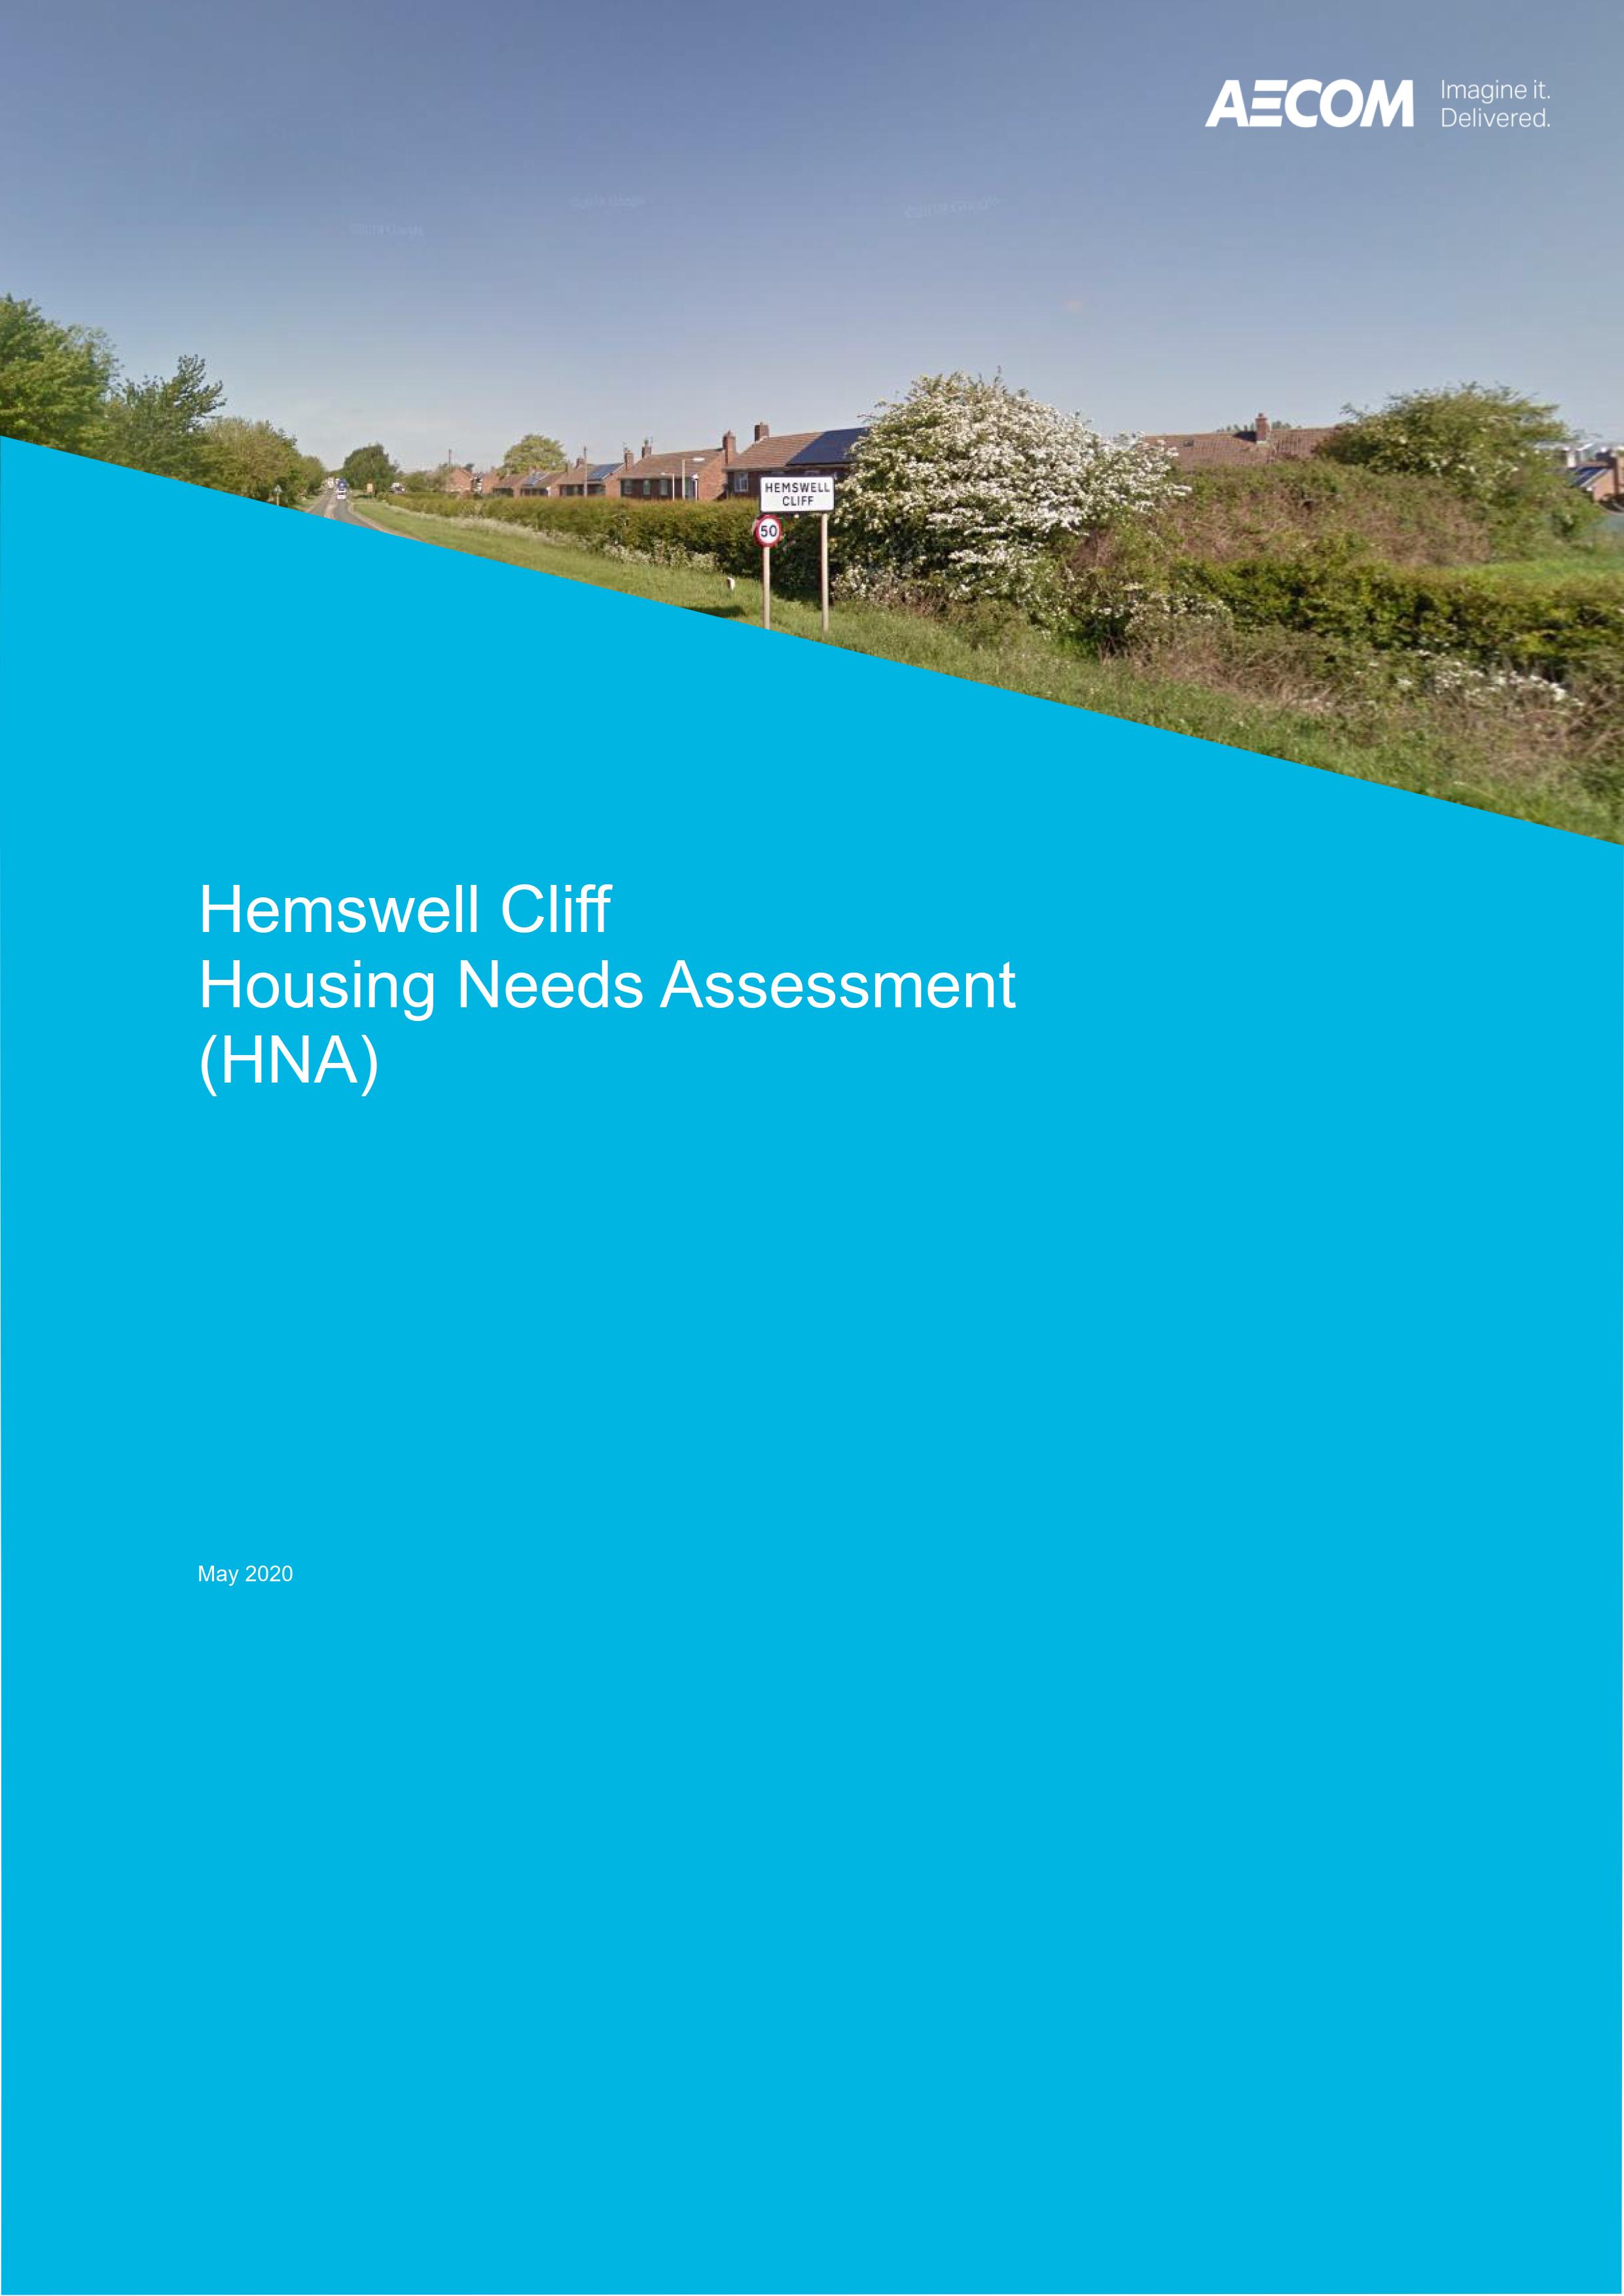 Hemswell_Cliff_Housing_Needs_Assessment_Final_01.png